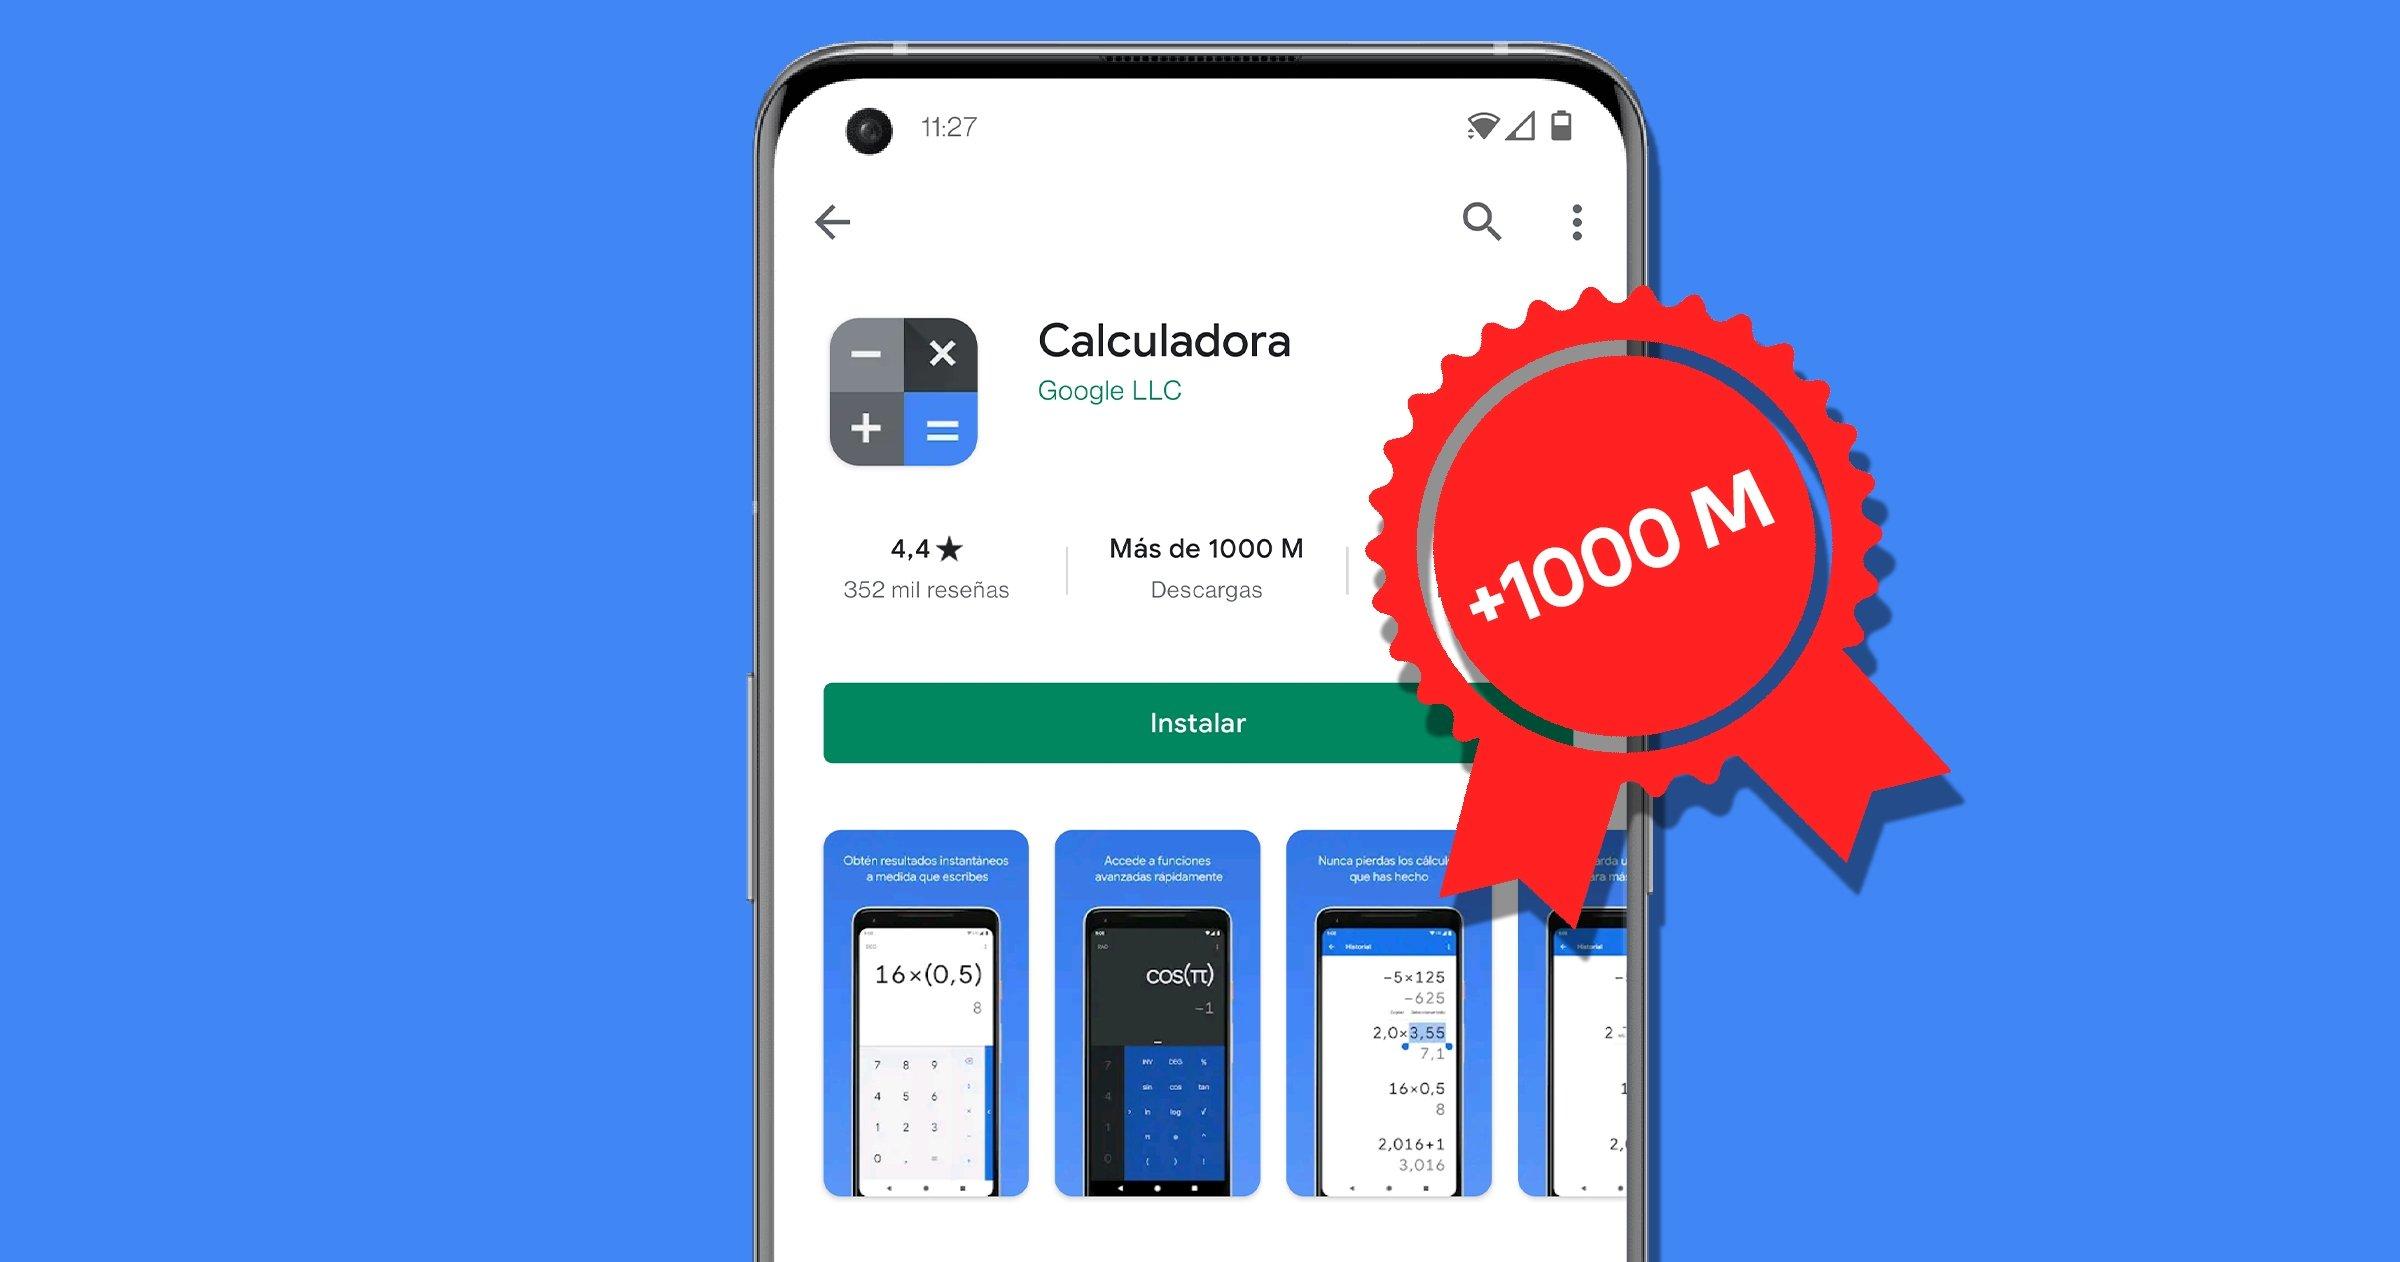 Application de calculatrice Google avec plus d'un milliard de téléchargements